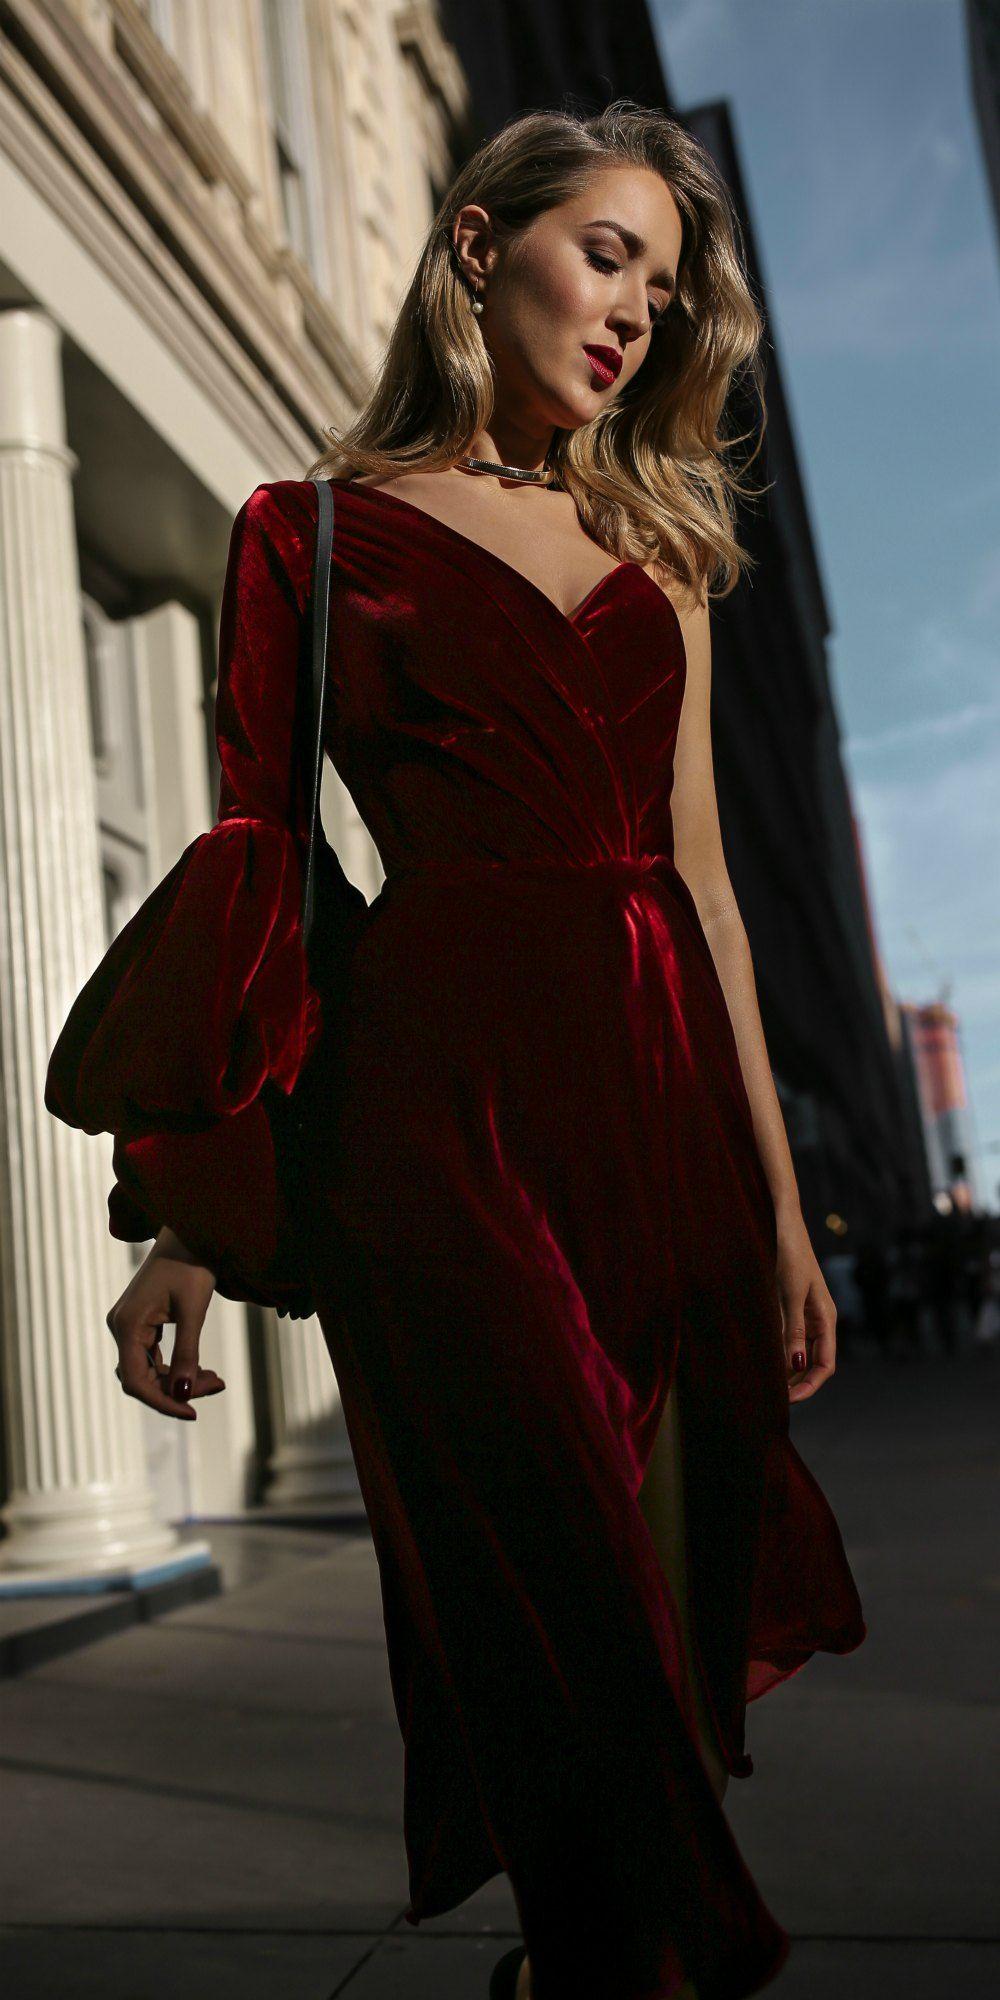 Red velvet asymmetrical dress gold choker red lips black bow